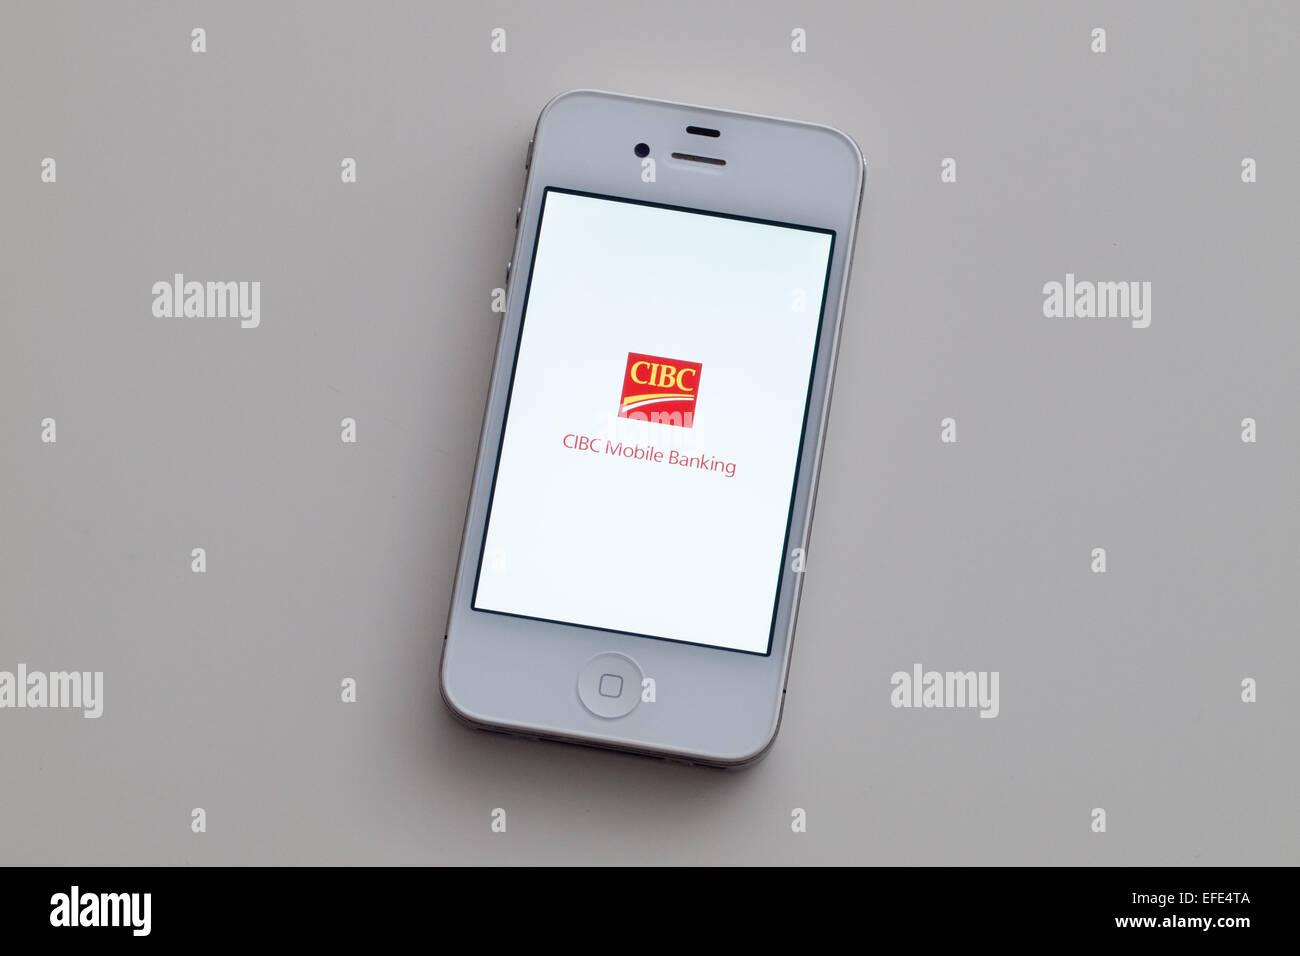 Une vue de l'emblème et du logo de la Banque Canadienne Impériale de Commerce (CIBC) application mobile banking Banque D'Images